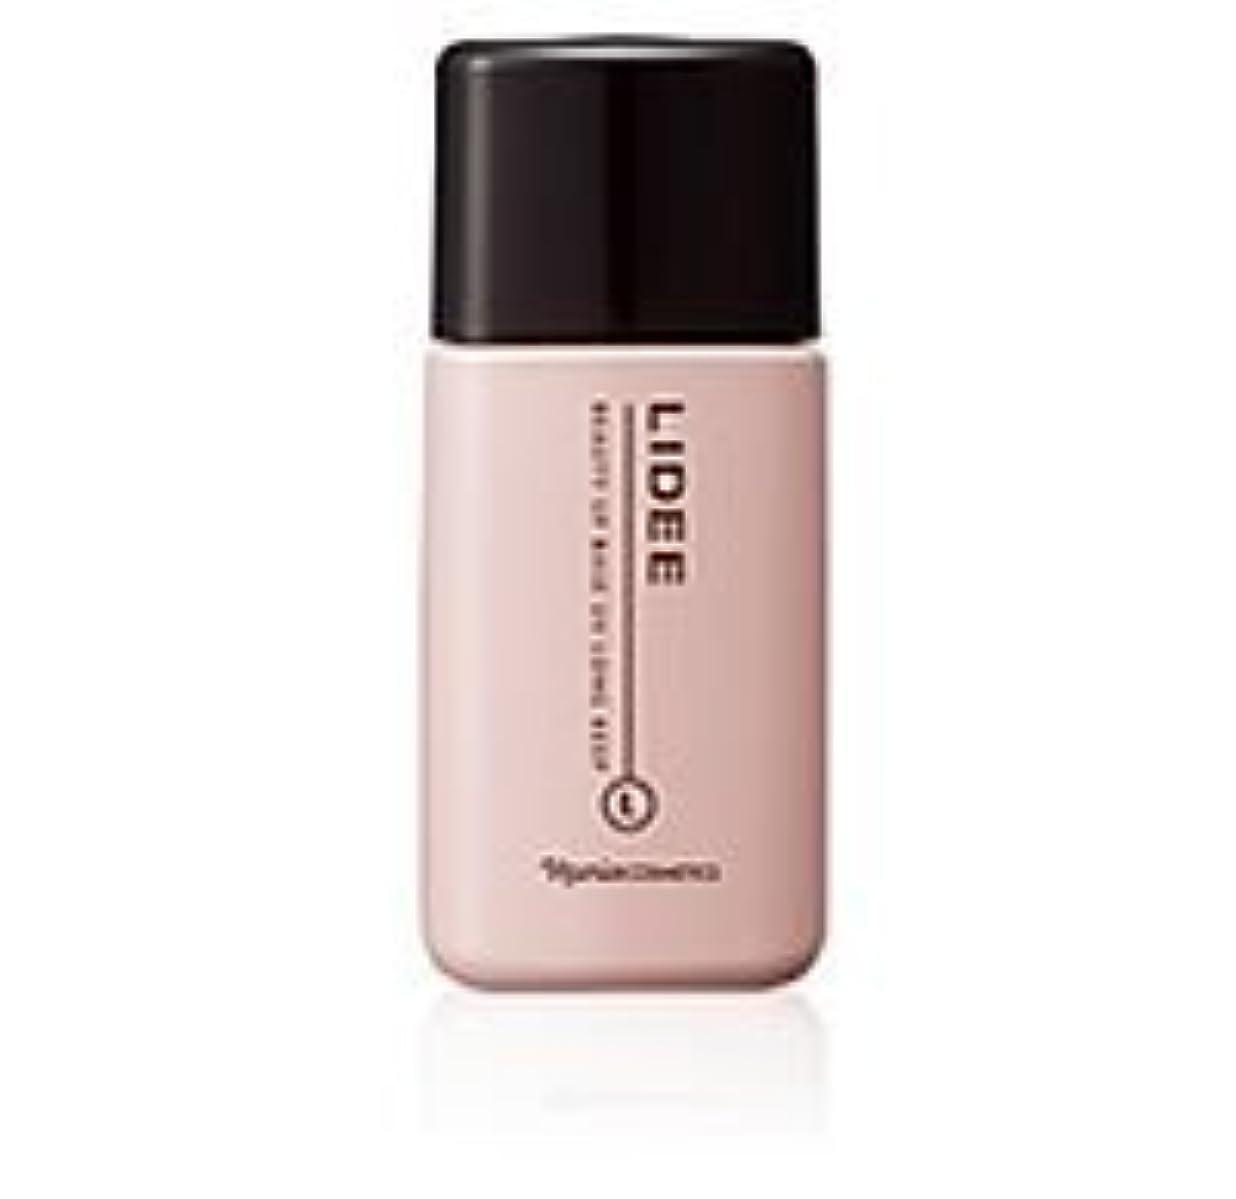 低下相談する清めるナリス リディ メーキャップ ベース UV ロングキープ (化粧下地) 27ml (ベージュ)